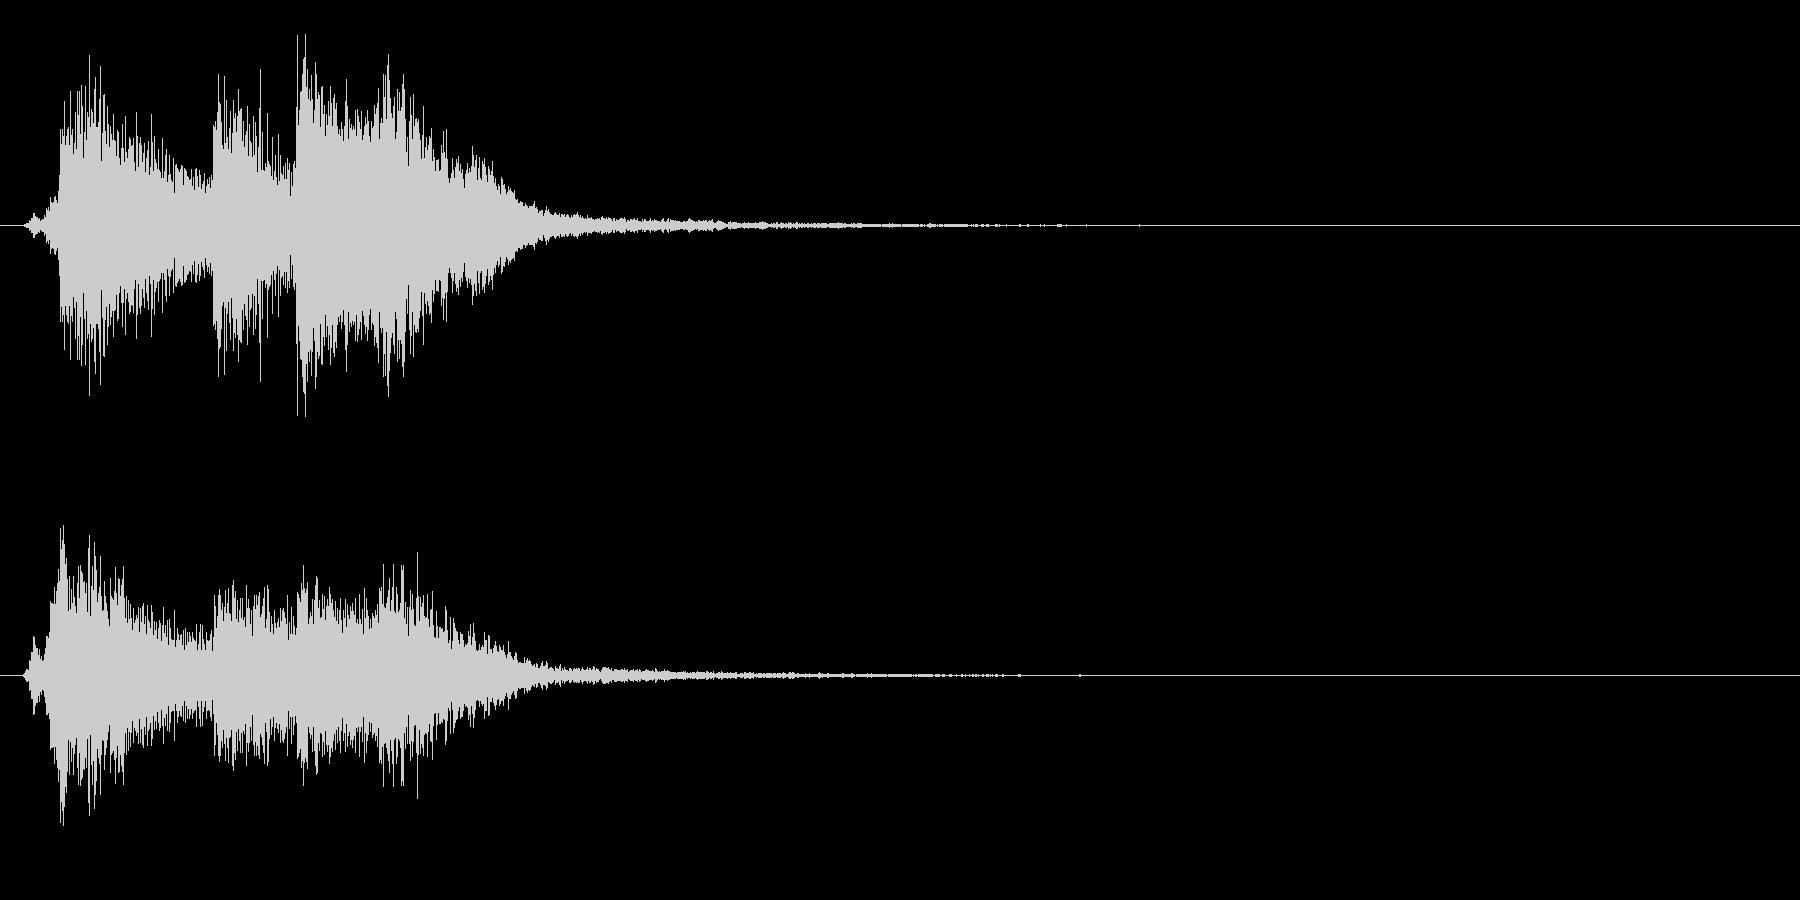 バロック3 スタート音 豪華決定音の未再生の波形